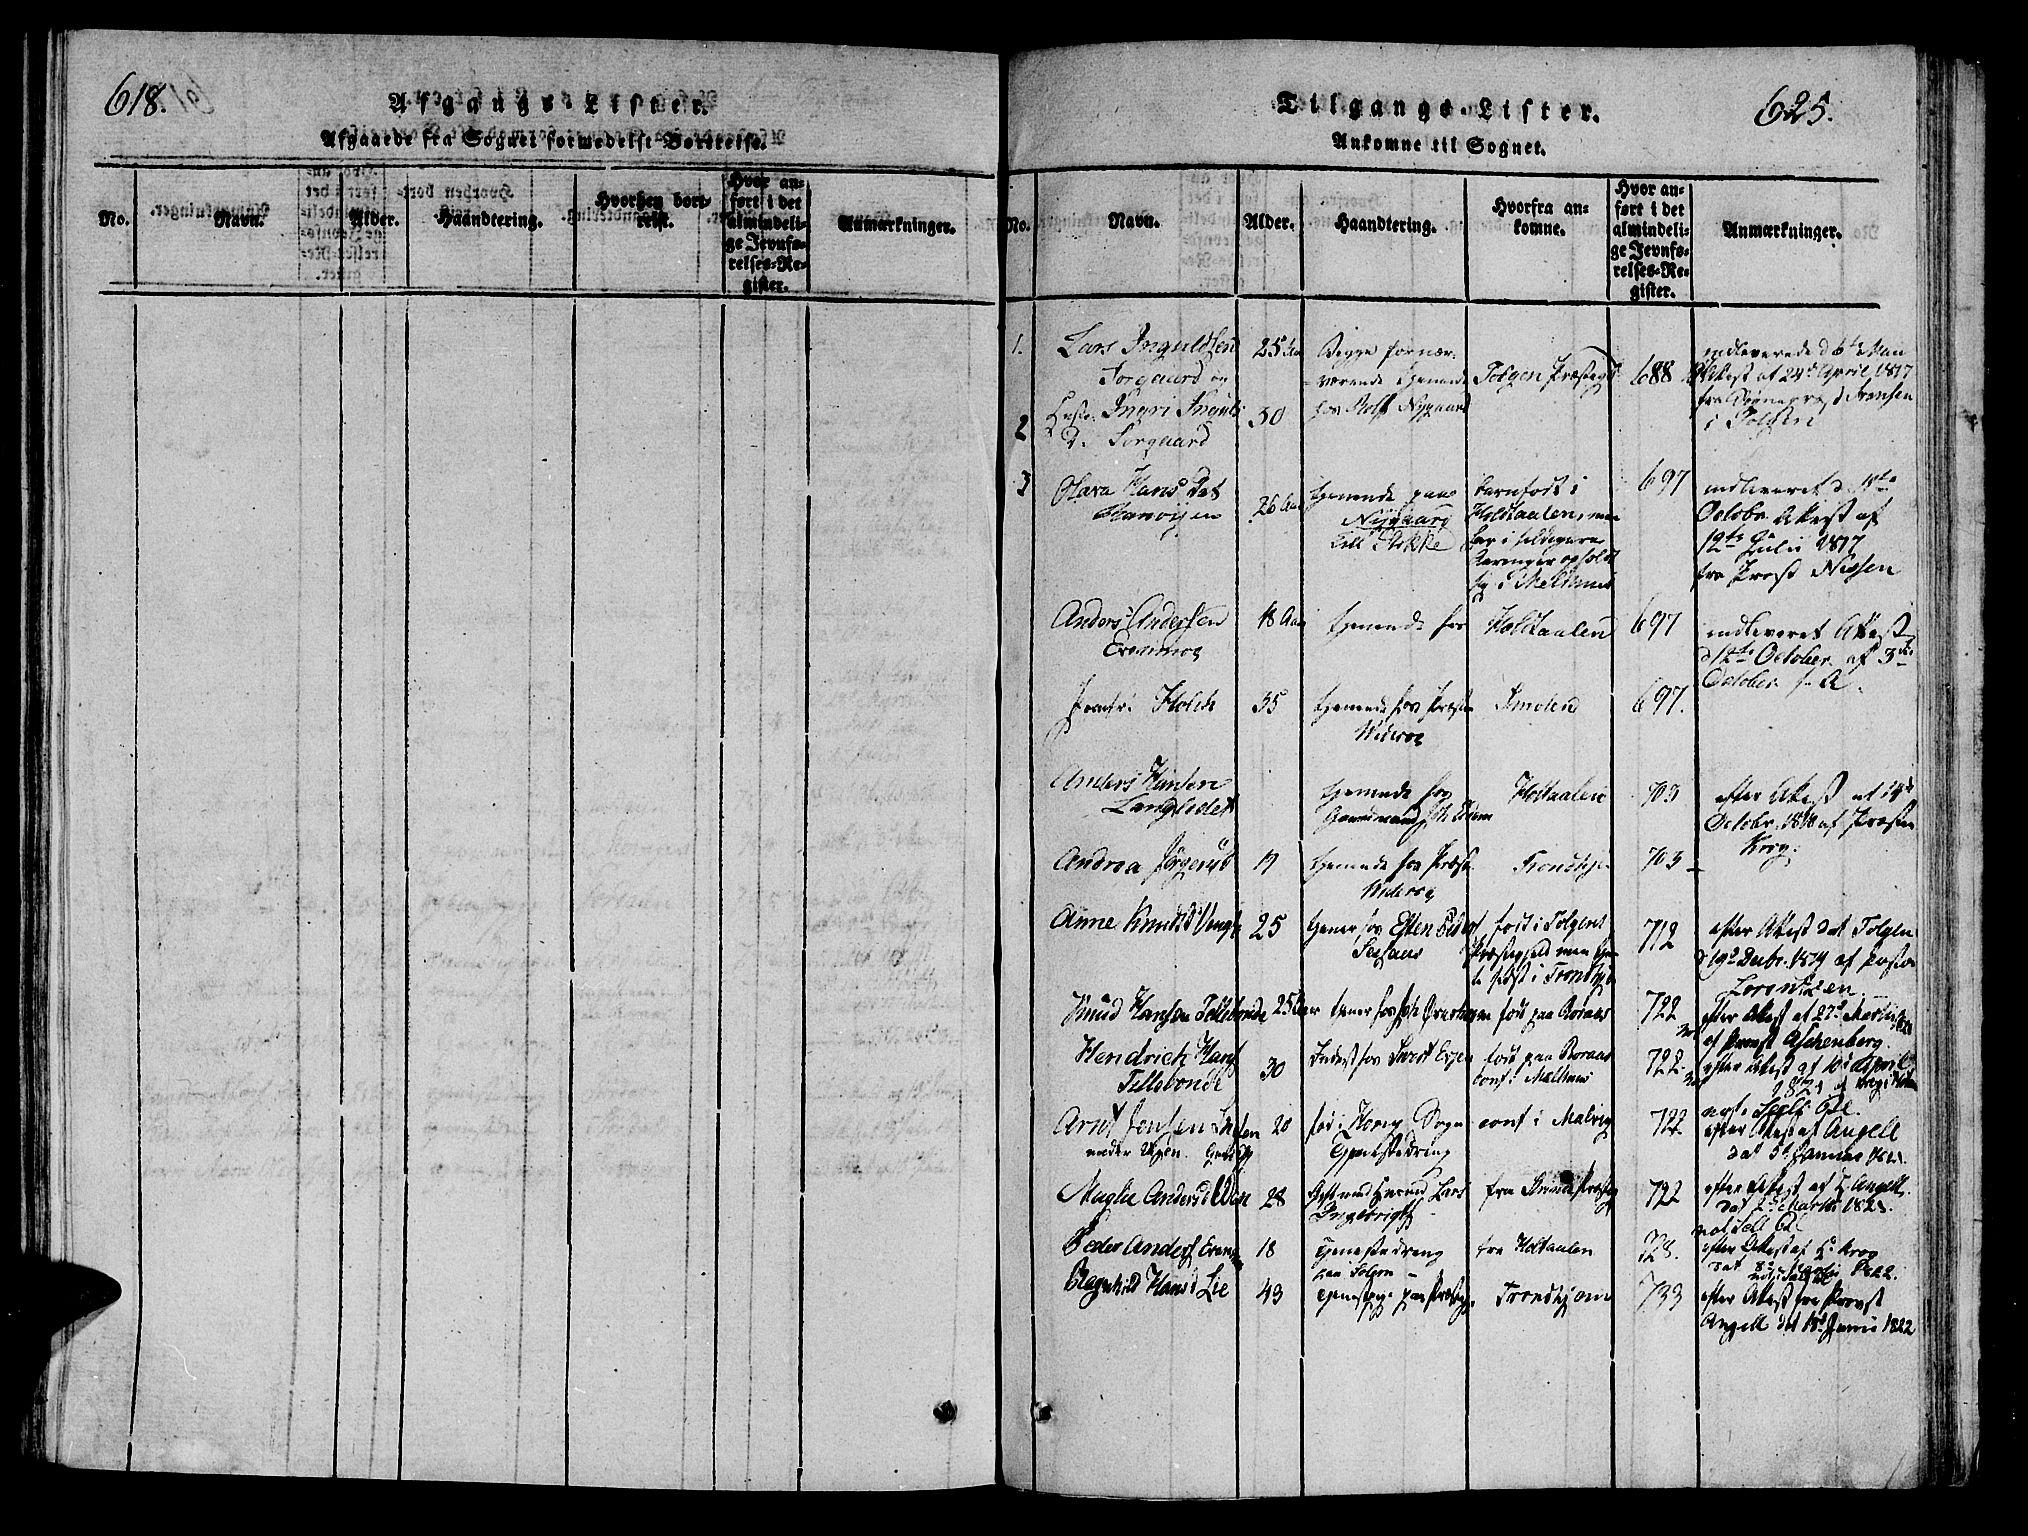 SAT, Ministerialprotokoller, klokkerbøker og fødselsregistre - Sør-Trøndelag, 695/L1141: Ministerialbok nr. 695A04 /1, 1816-1824, s. 618-625